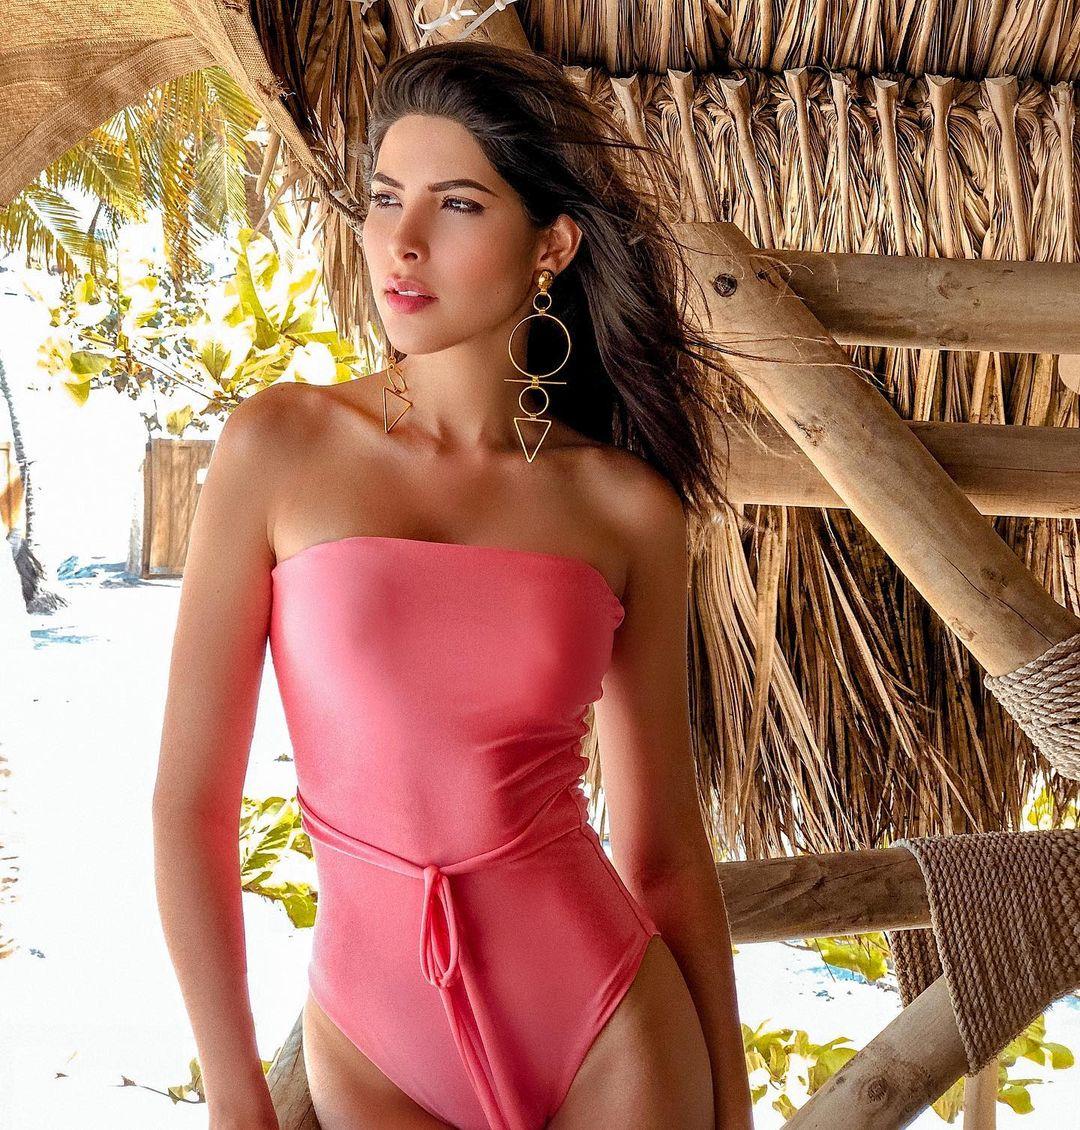 laura olascuaga, miss colombia universo 2020. Laurao16